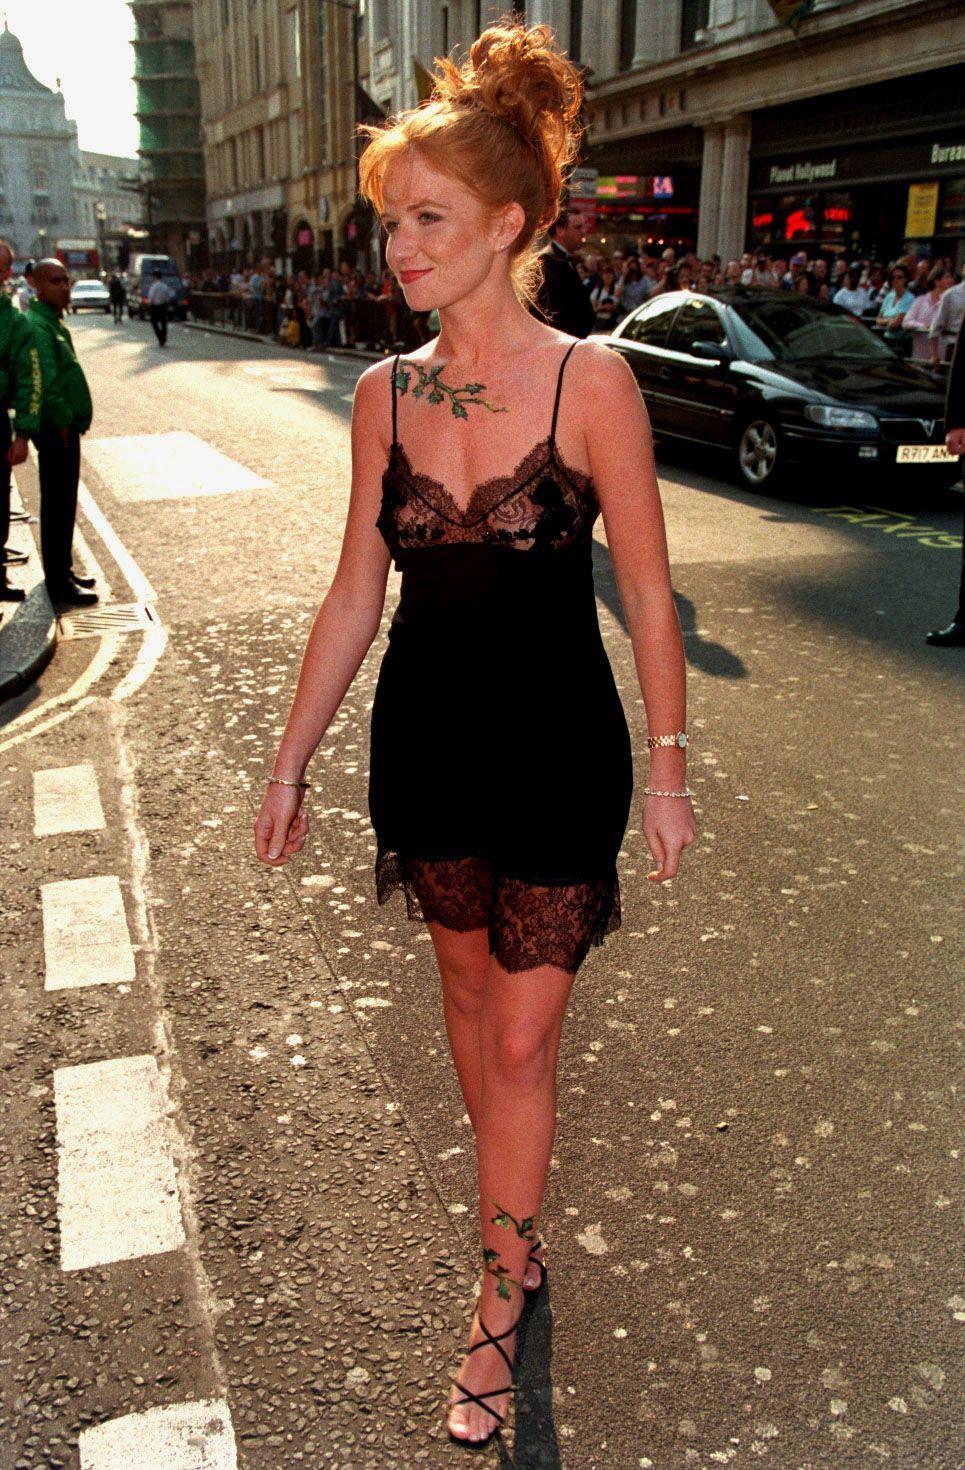 Patsy palmer natural redheads female actresses natural jpg 965x1470 Patsy  palmer bikini